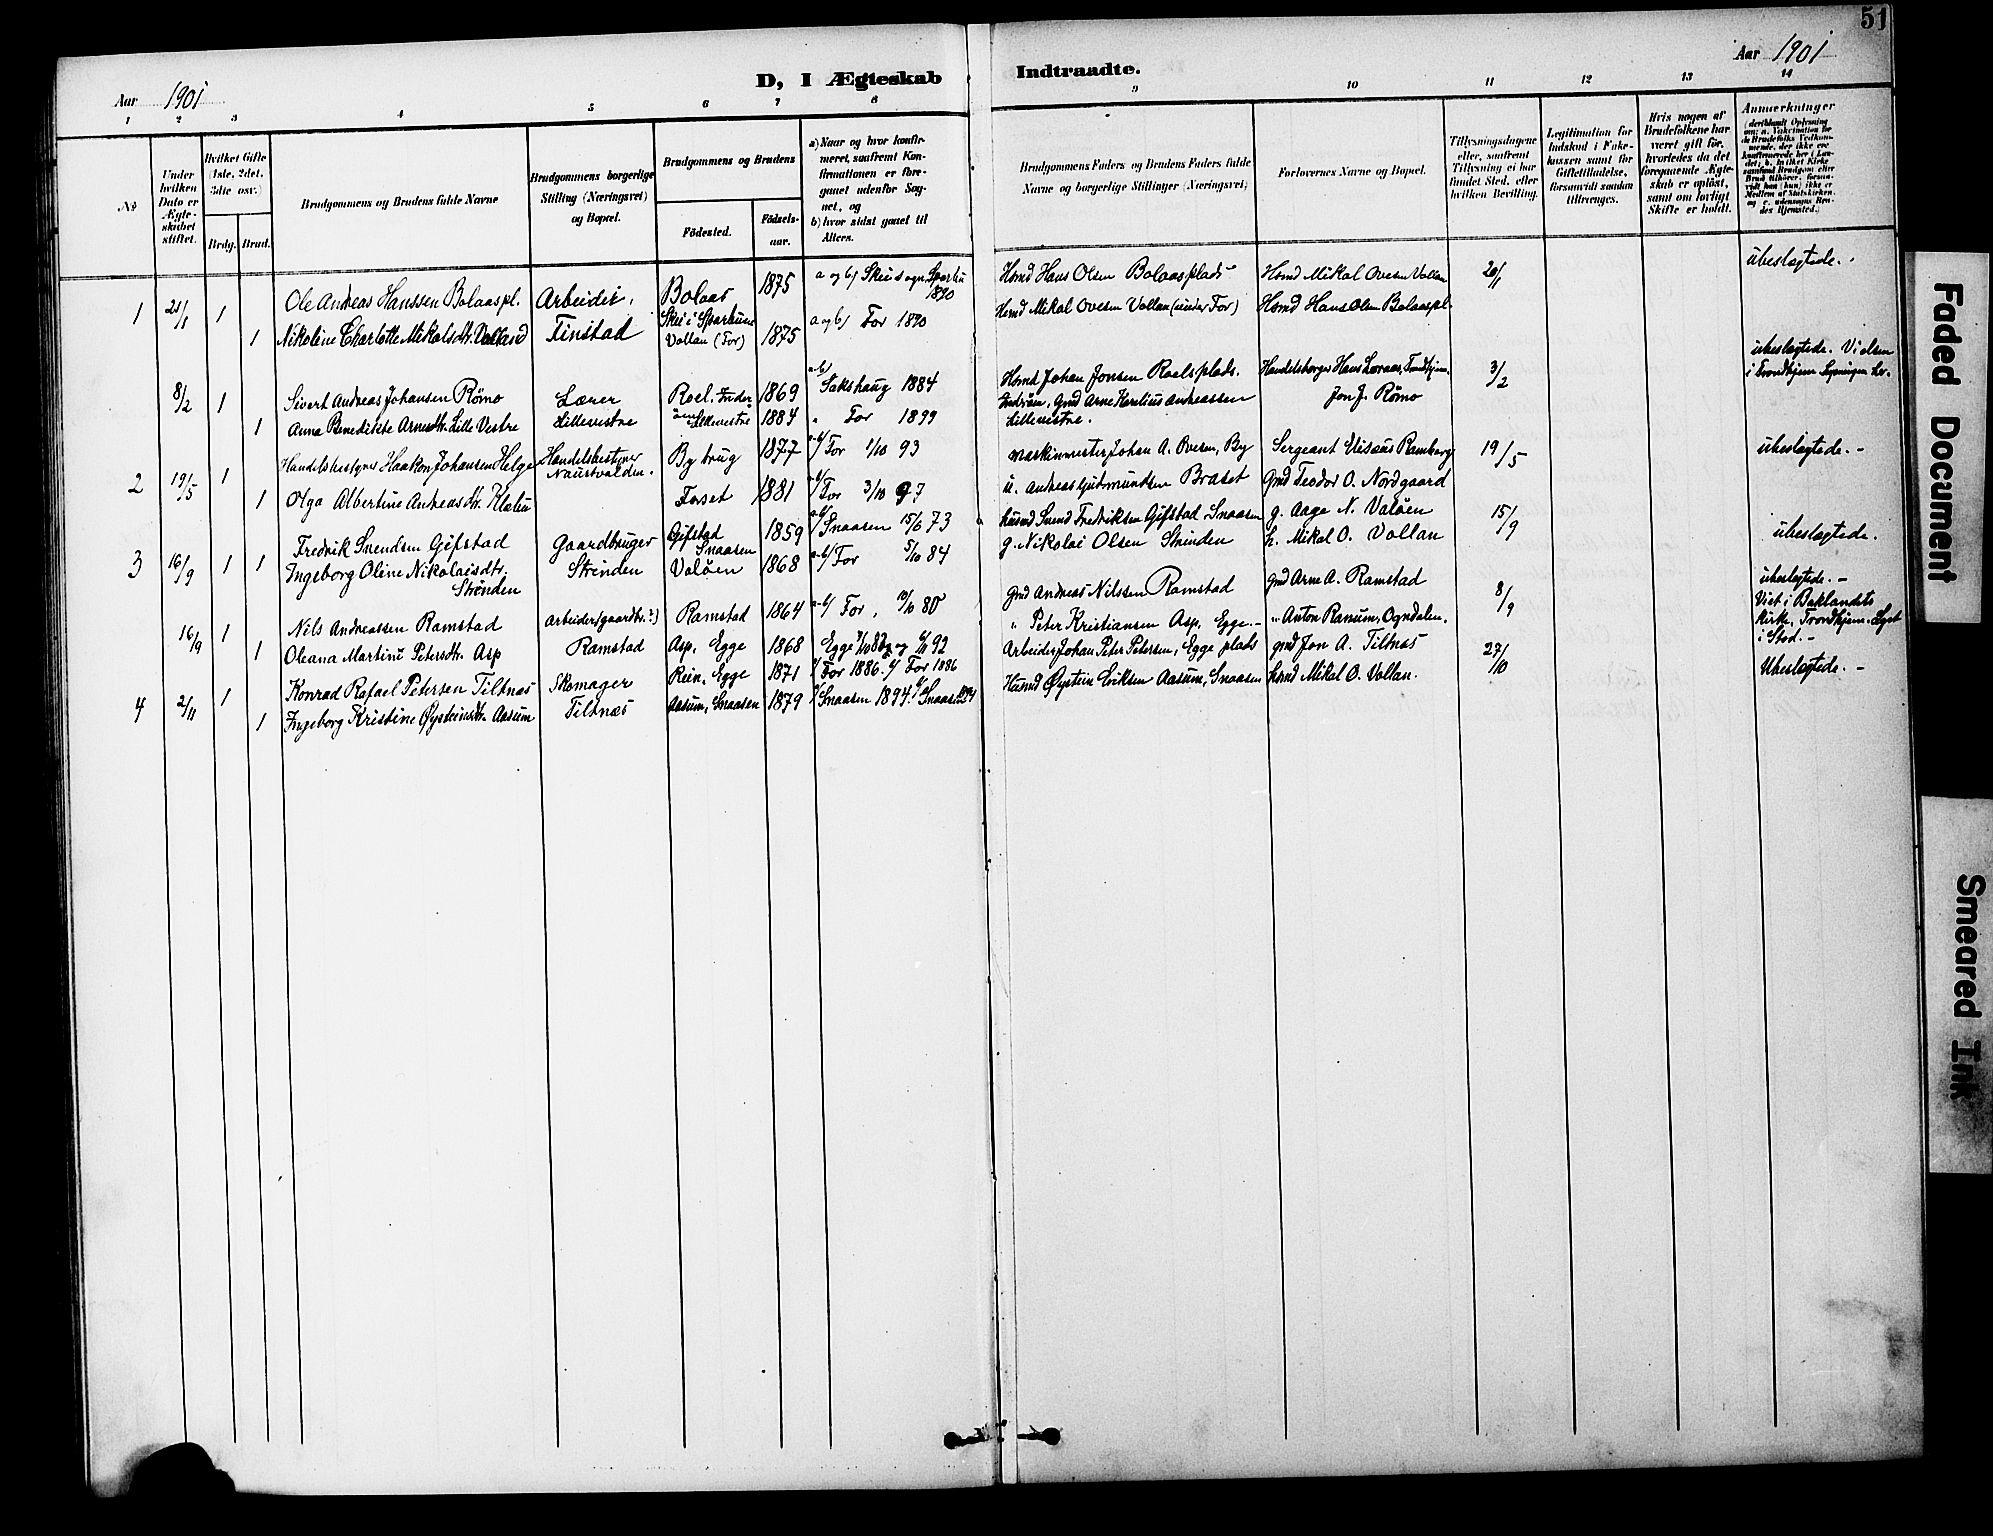 SAT, Ministerialprotokoller, klokkerbøker og fødselsregistre - Nord-Trøndelag, 746/L0452: Ministerialbok nr. 746A09, 1900-1908, s. 51